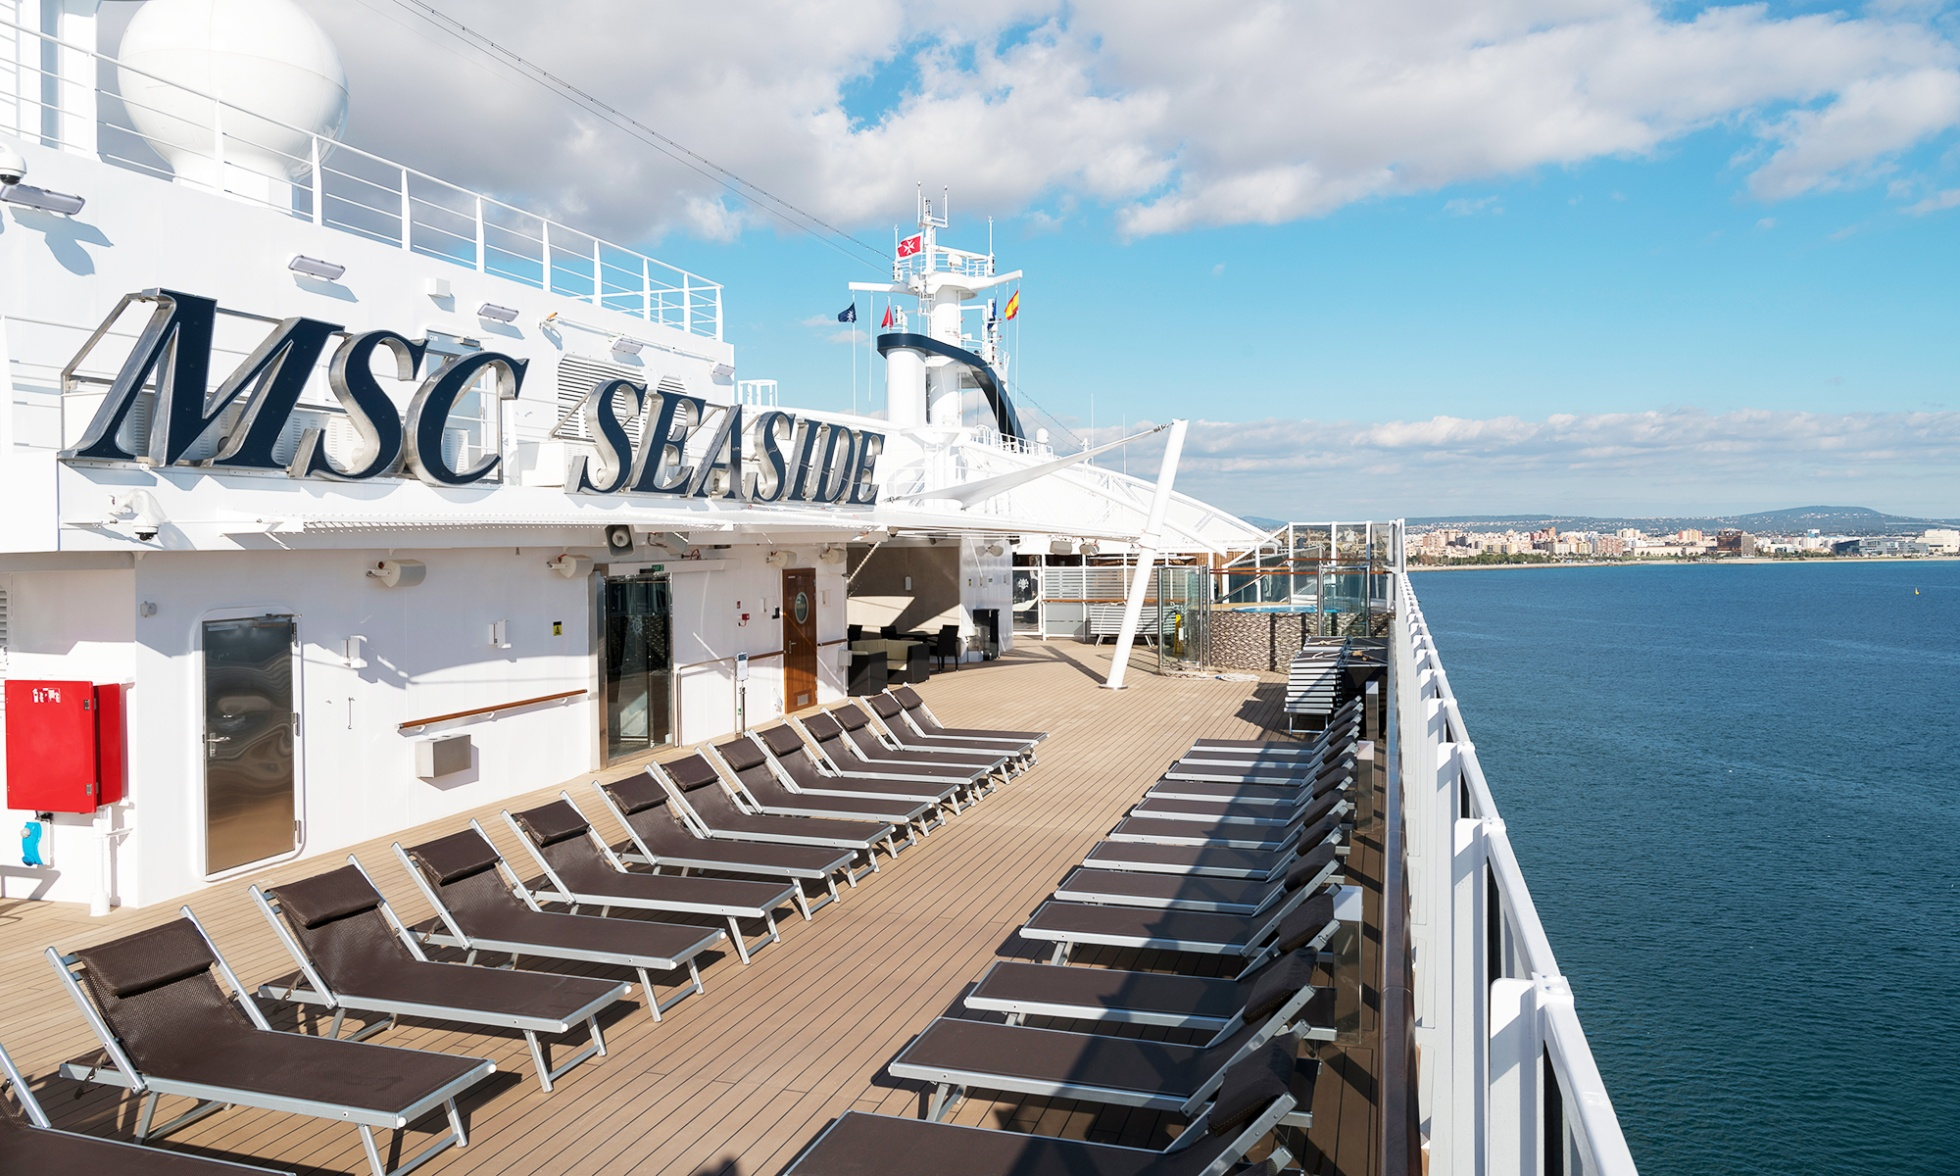 Crociera MSC Seaside Partenza 21 Agosto 7 Notti Cabina Interna cat. Fantastica